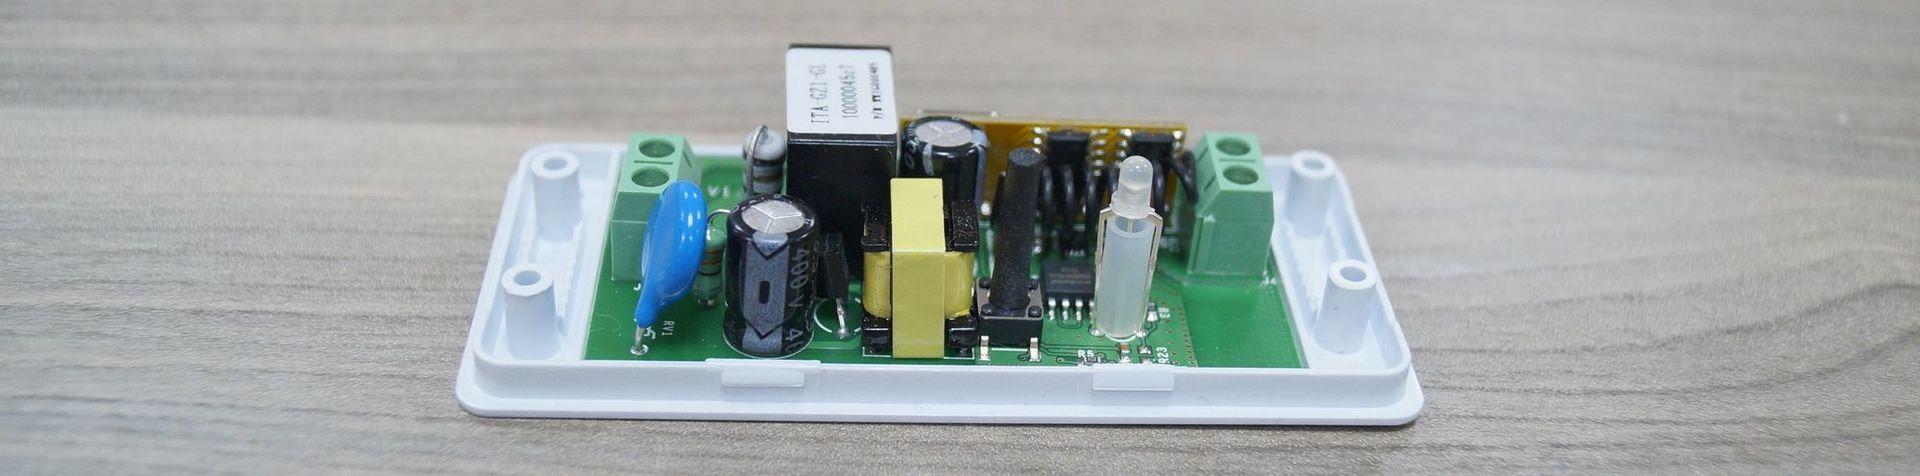 Умная дача #1. Модули Sonoff от ITEAD - 8